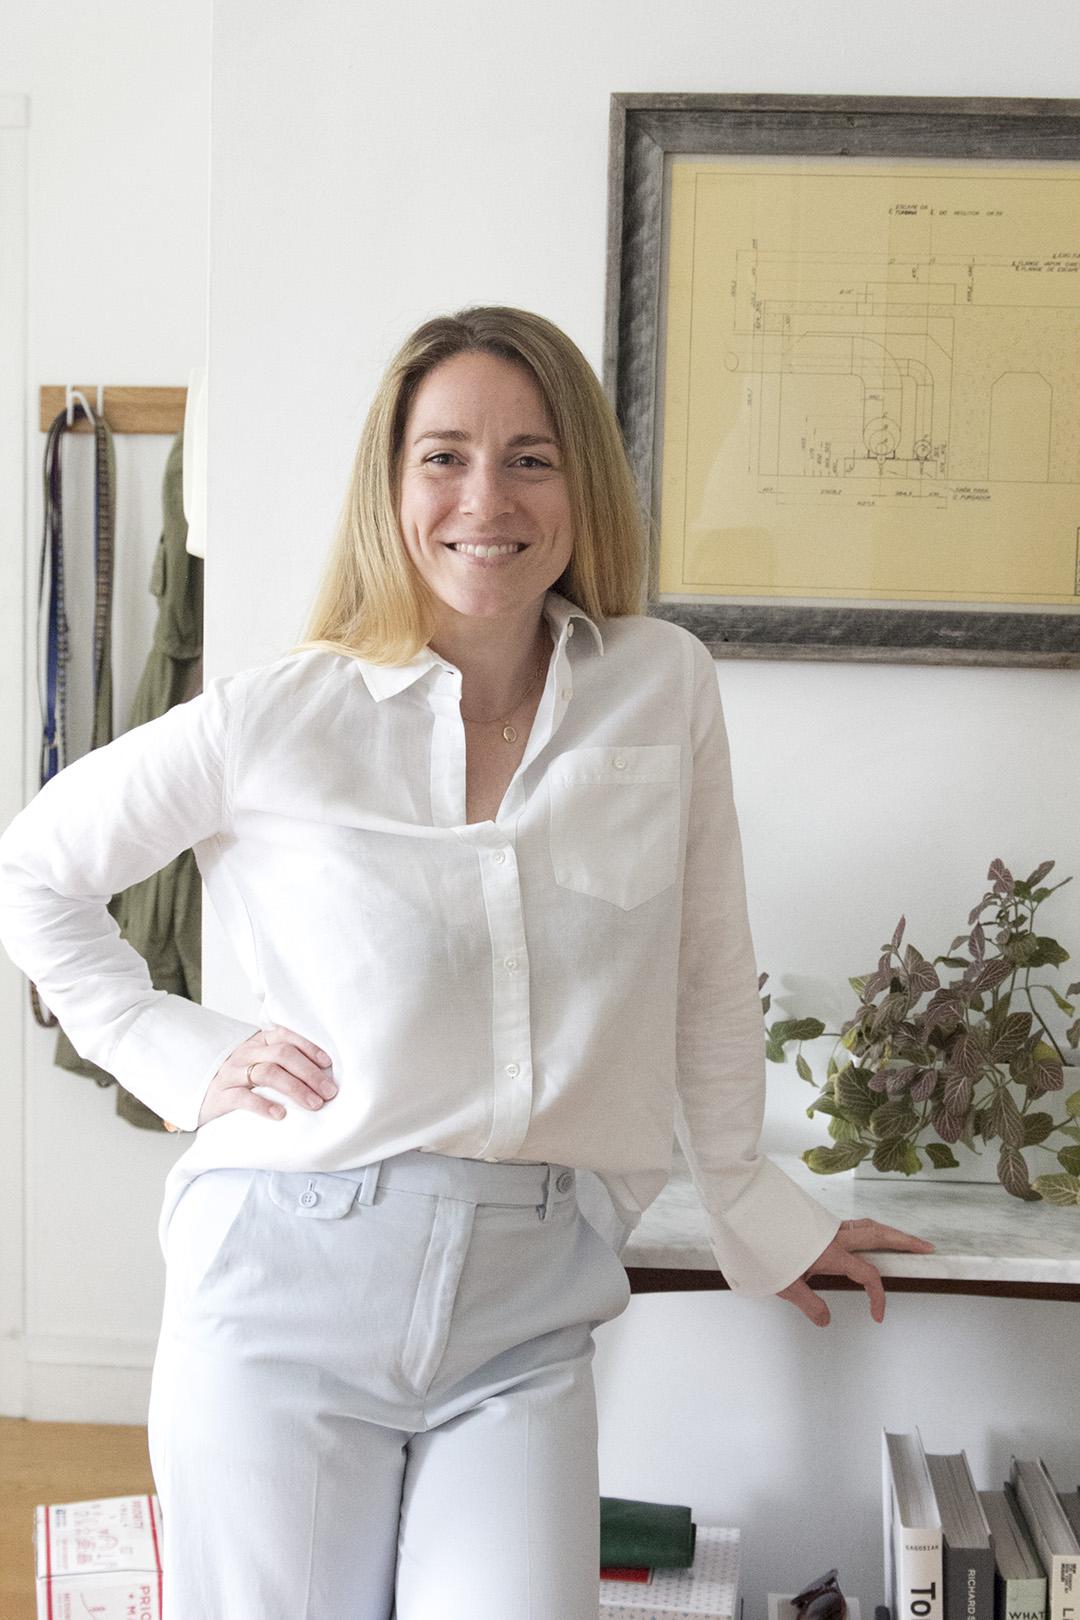 Regine Raab, founder of Waggo